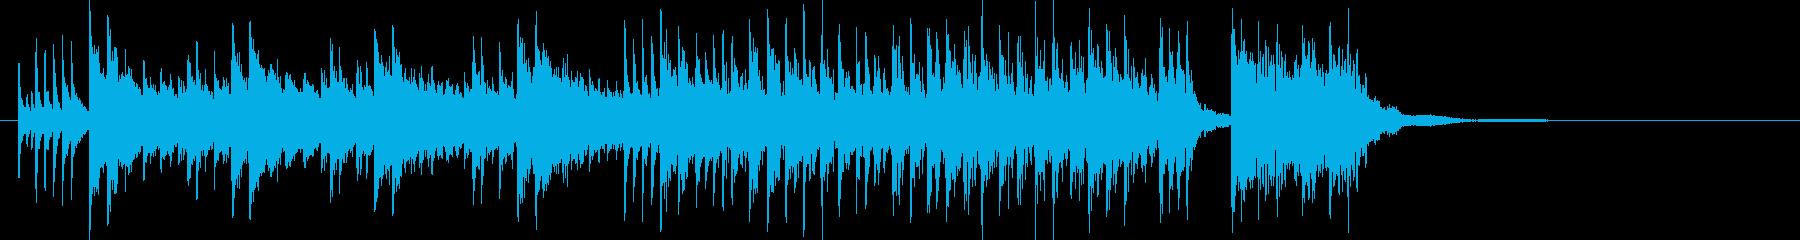 70年代ハードロック的なショートインストの再生済みの波形